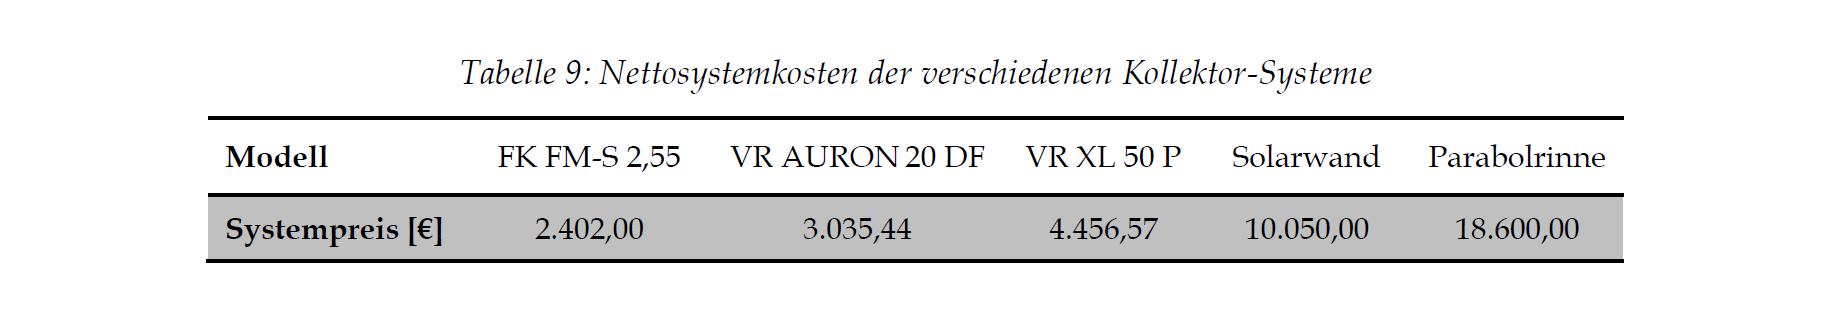 Nettosystemkosten der unterschiedlichen Kollektorsysteme